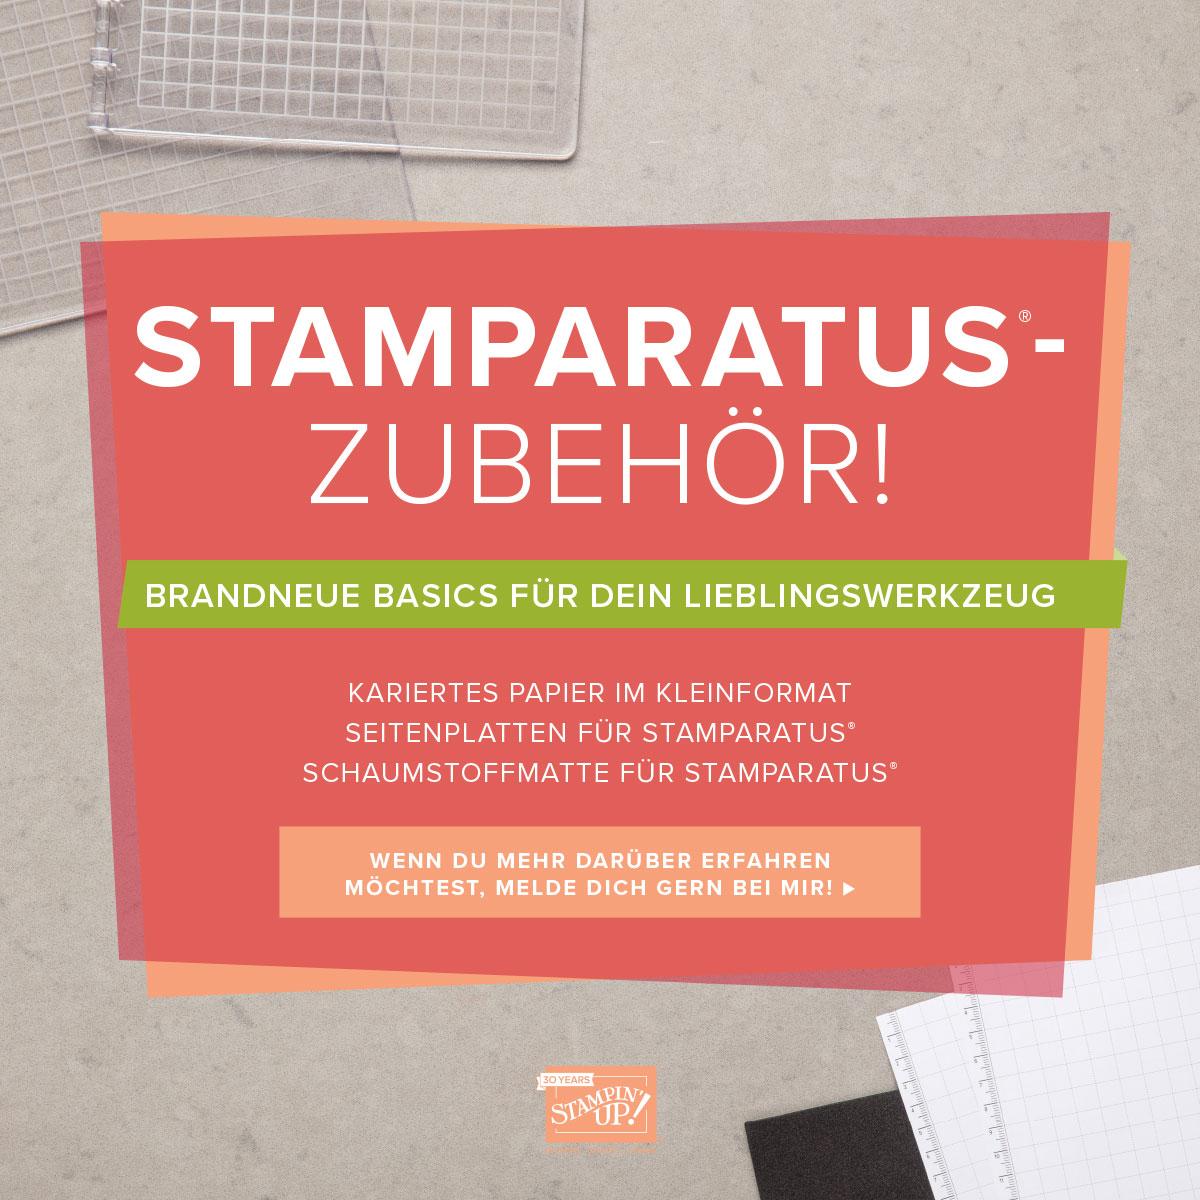 09.01.18_SHAREABLE_STAMPARATUS_DE